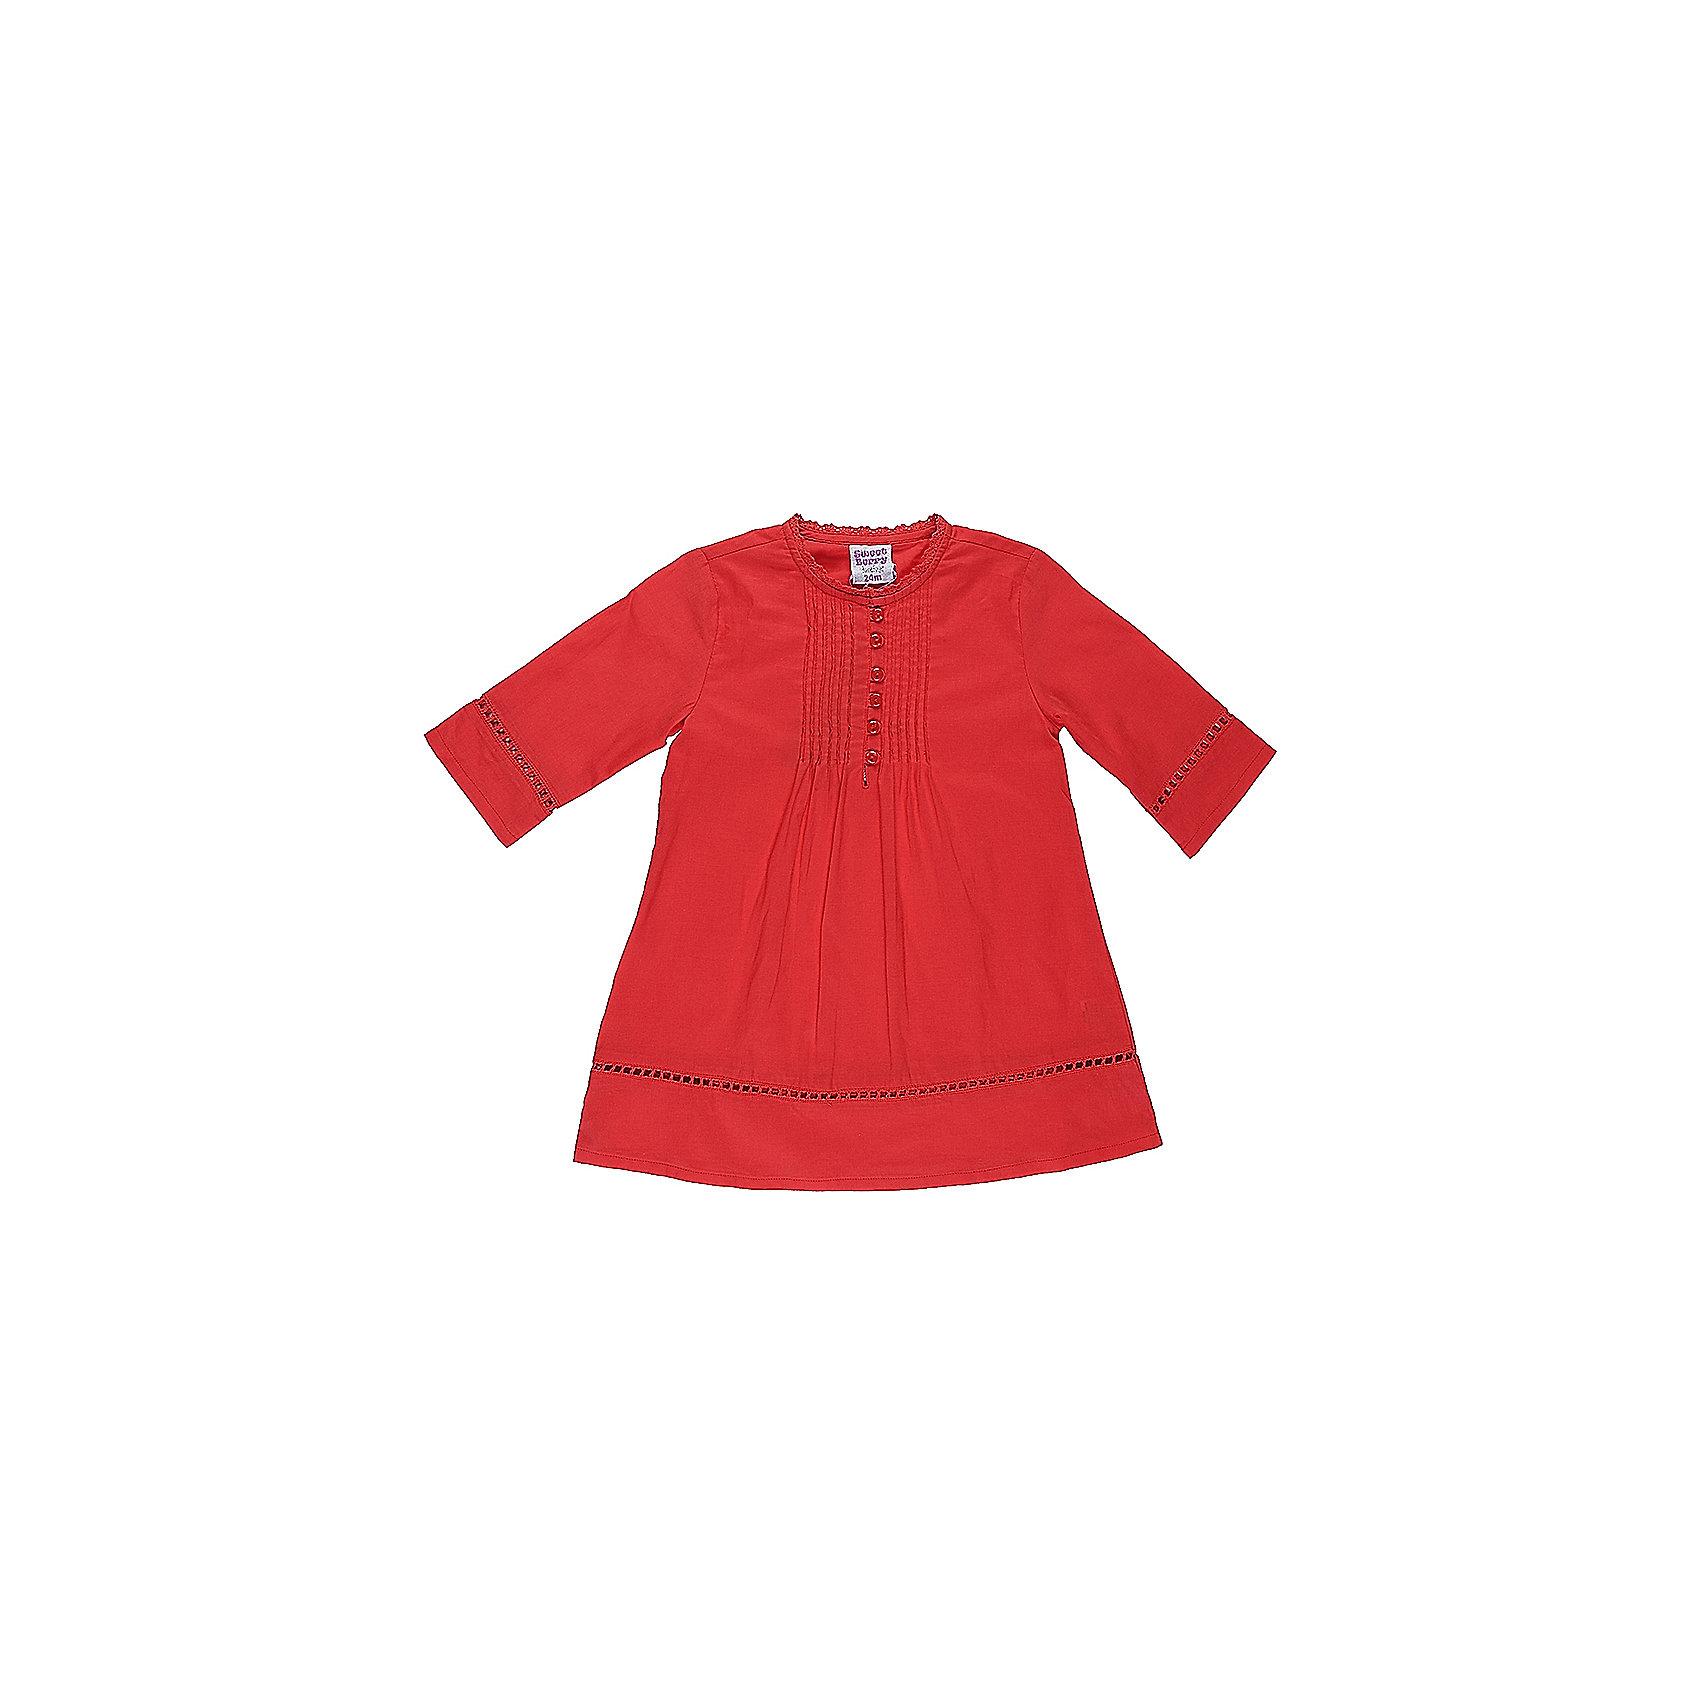 Платье для девочки Sweet BerryПлатья<br>Характеристики товара:<br><br>• цвет: красный<br>• состав: 100% хлопок<br>• рукава до локтя<br>• пуговицы<br>• округлый горловой вырез<br>• страна бренда: Российская Федерация<br><br>Платье для девочки от популярного бренда Sweet Berry (Свит Берри) можно купить в нашем интернет-магазине.<br><br>Ширина мм: 236<br>Глубина мм: 16<br>Высота мм: 184<br>Вес г: 177<br>Цвет: розовый<br>Возраст от месяцев: 12<br>Возраст до месяцев: 15<br>Пол: Женский<br>Возраст: Детский<br>Размер: 92,98,86,80<br>SKU: 5410851